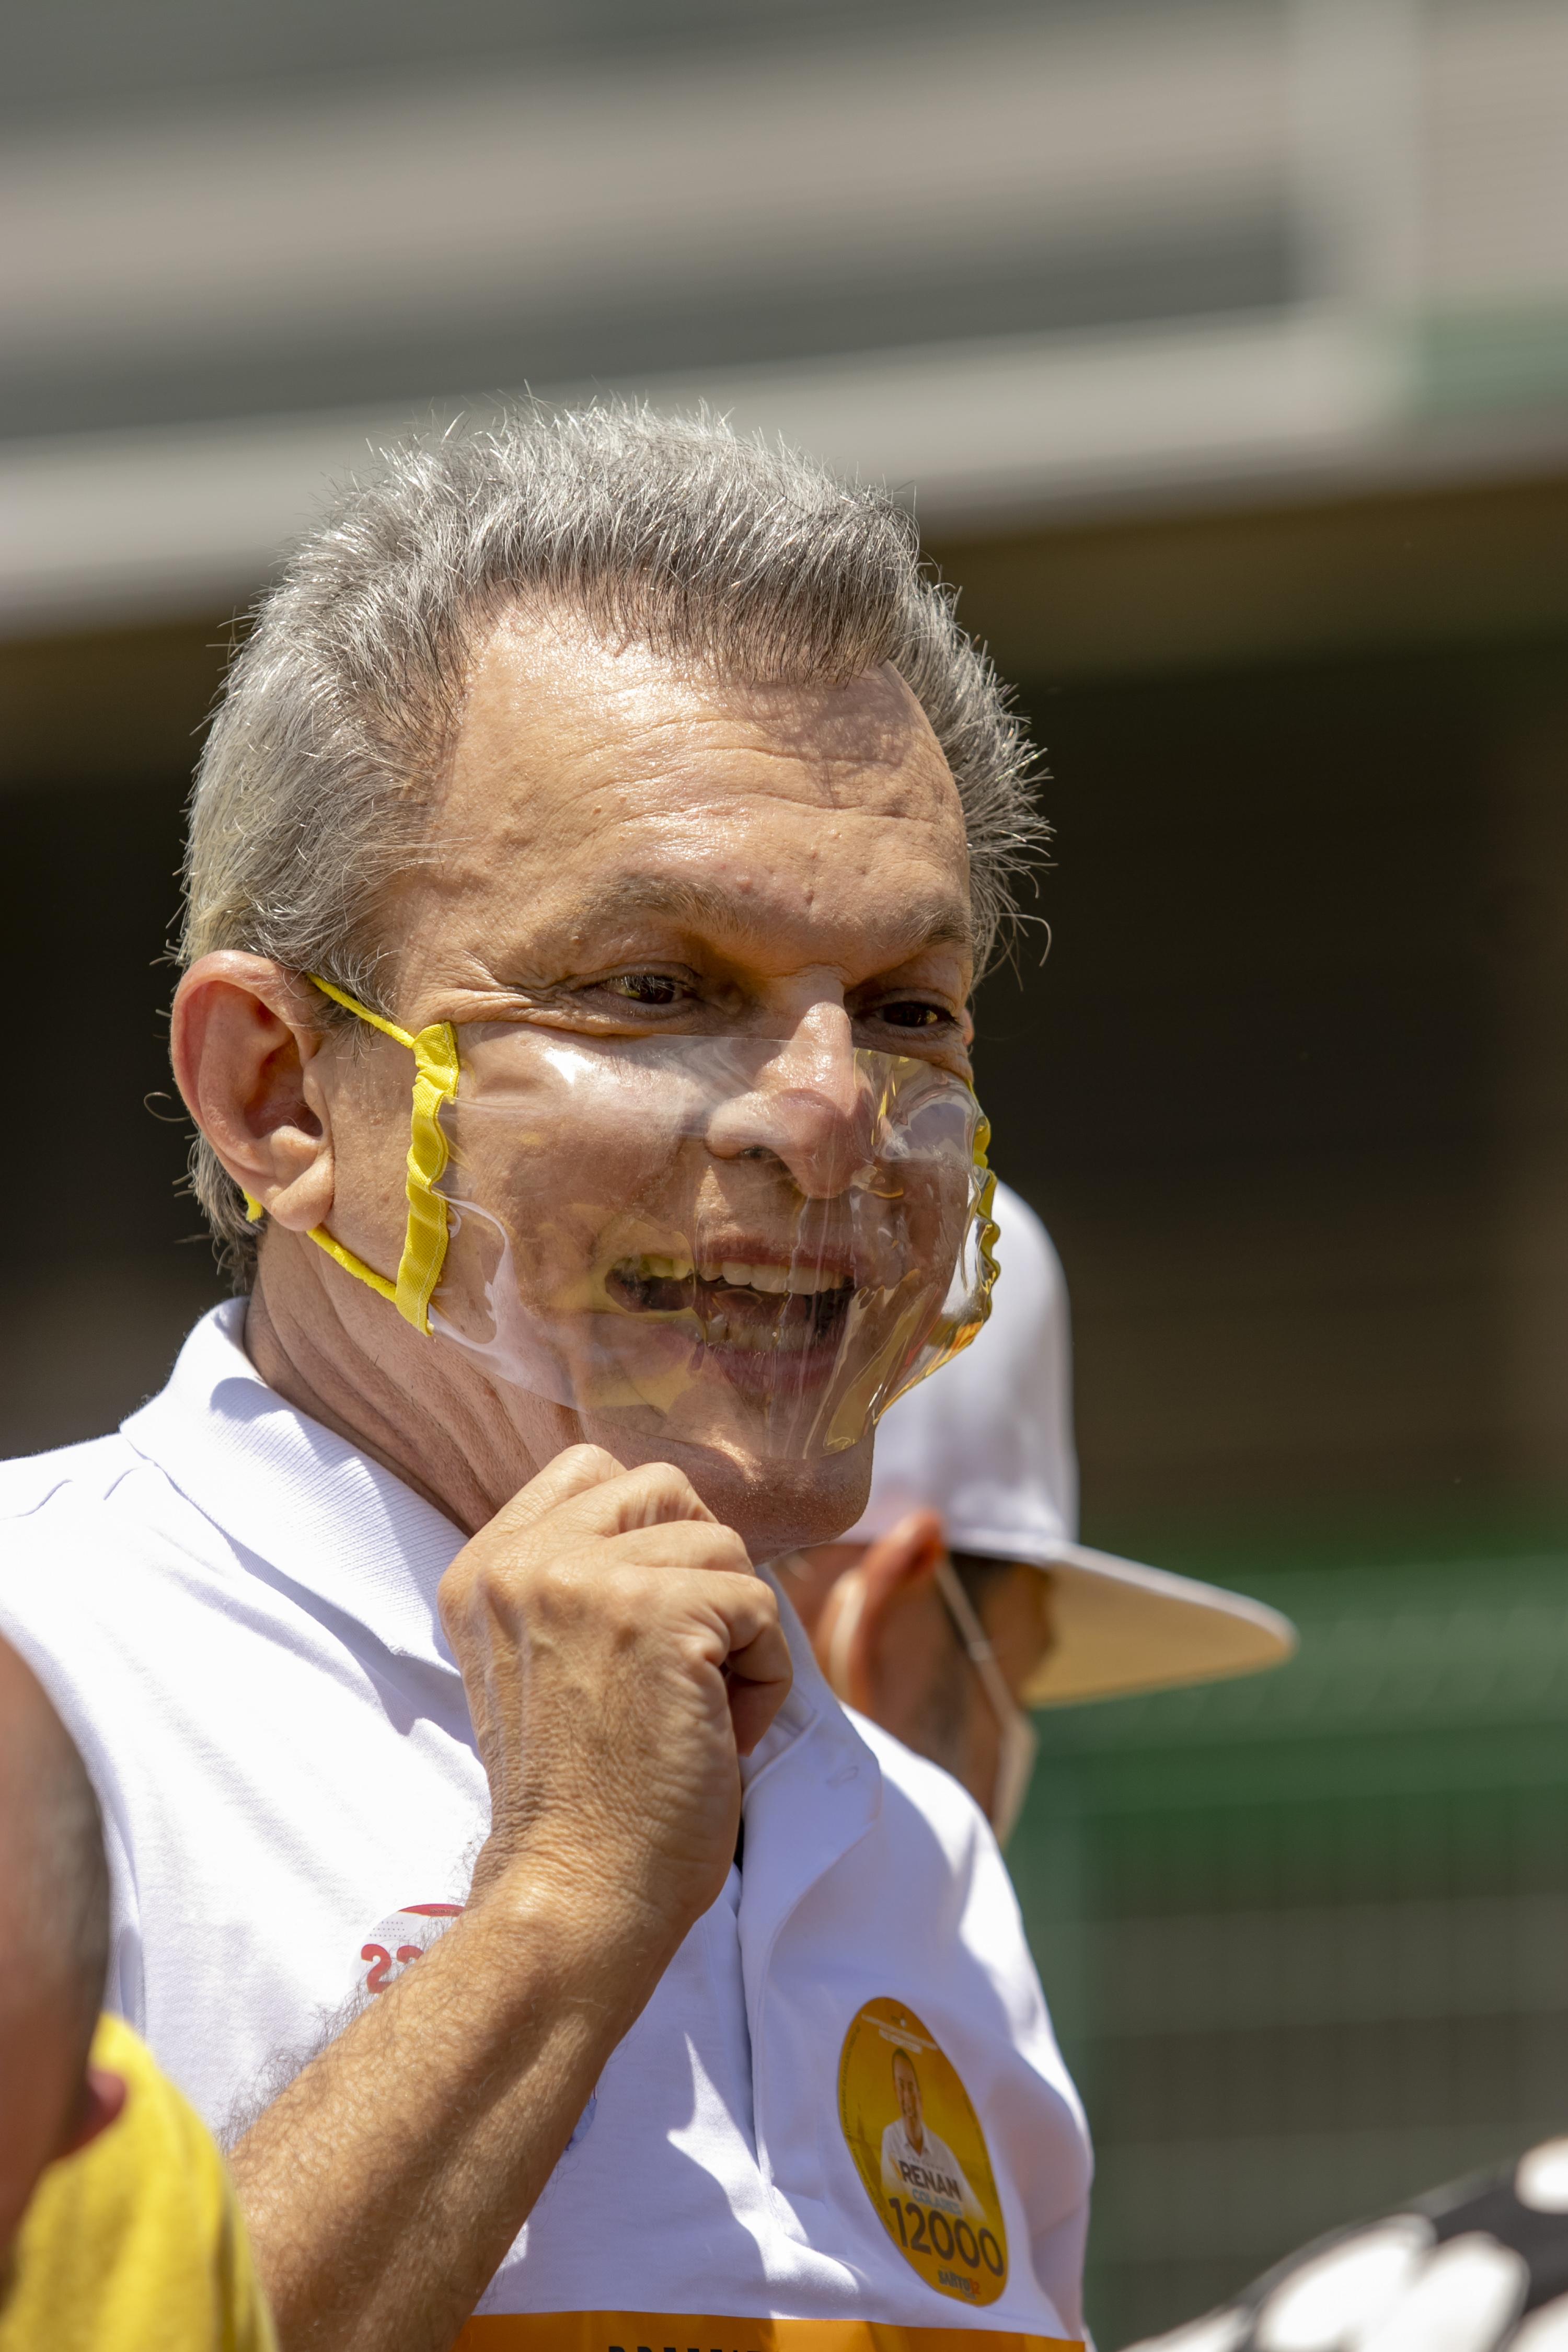 USANDO uma máscara transparente, Sarto fez ontem primeiro ato de rua após se recuperar da Covid-19